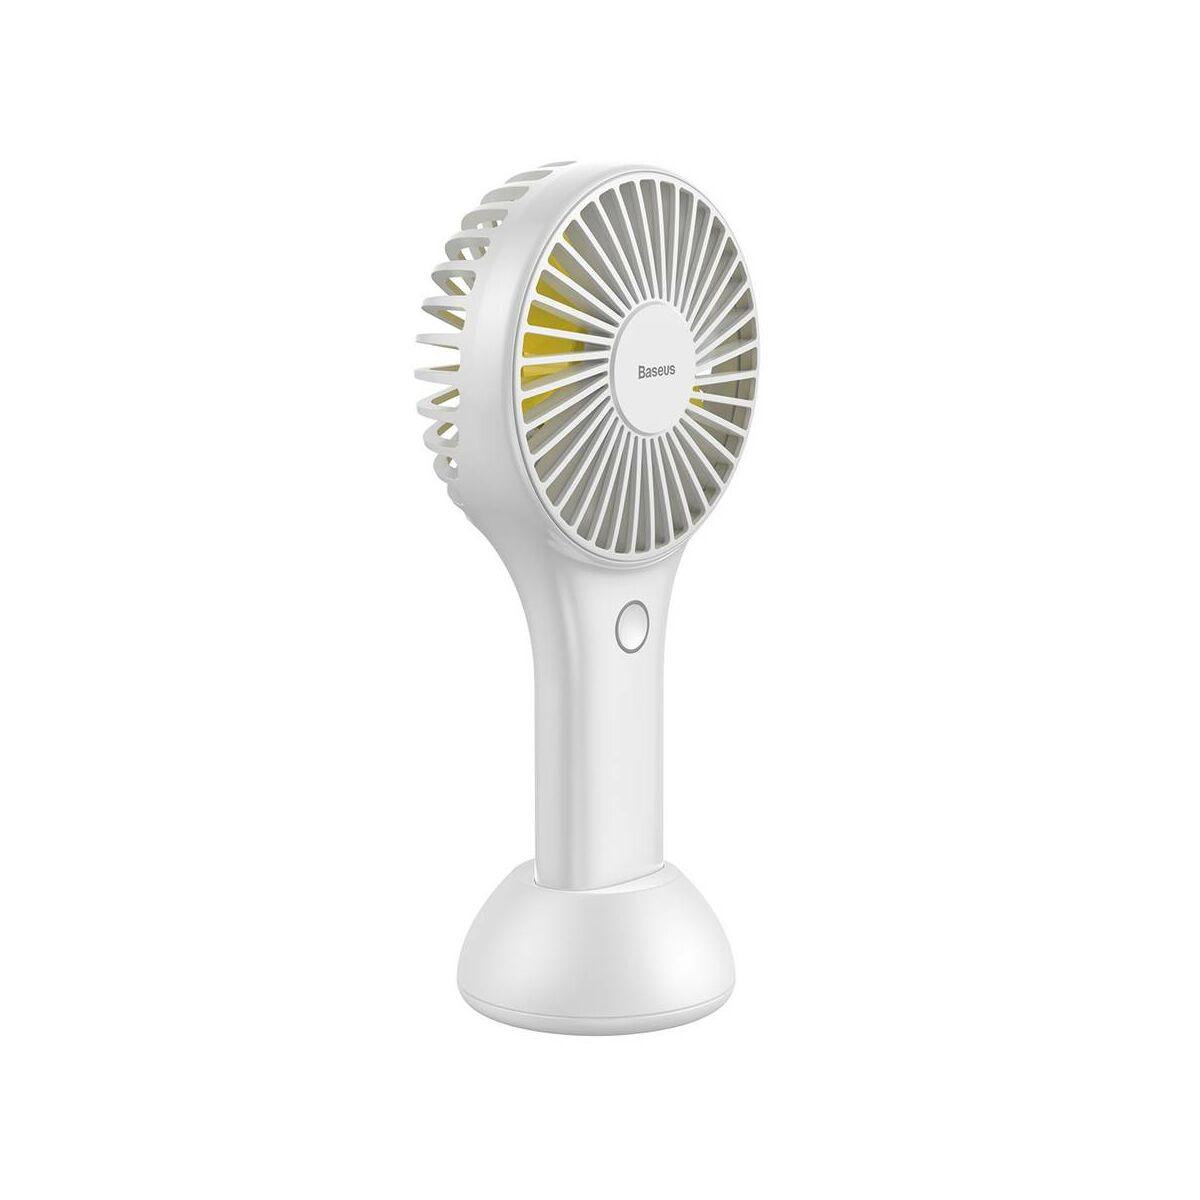 Baseus otthon, Bingo kézi/asztali ventilátor, fehér (CXBG-02)